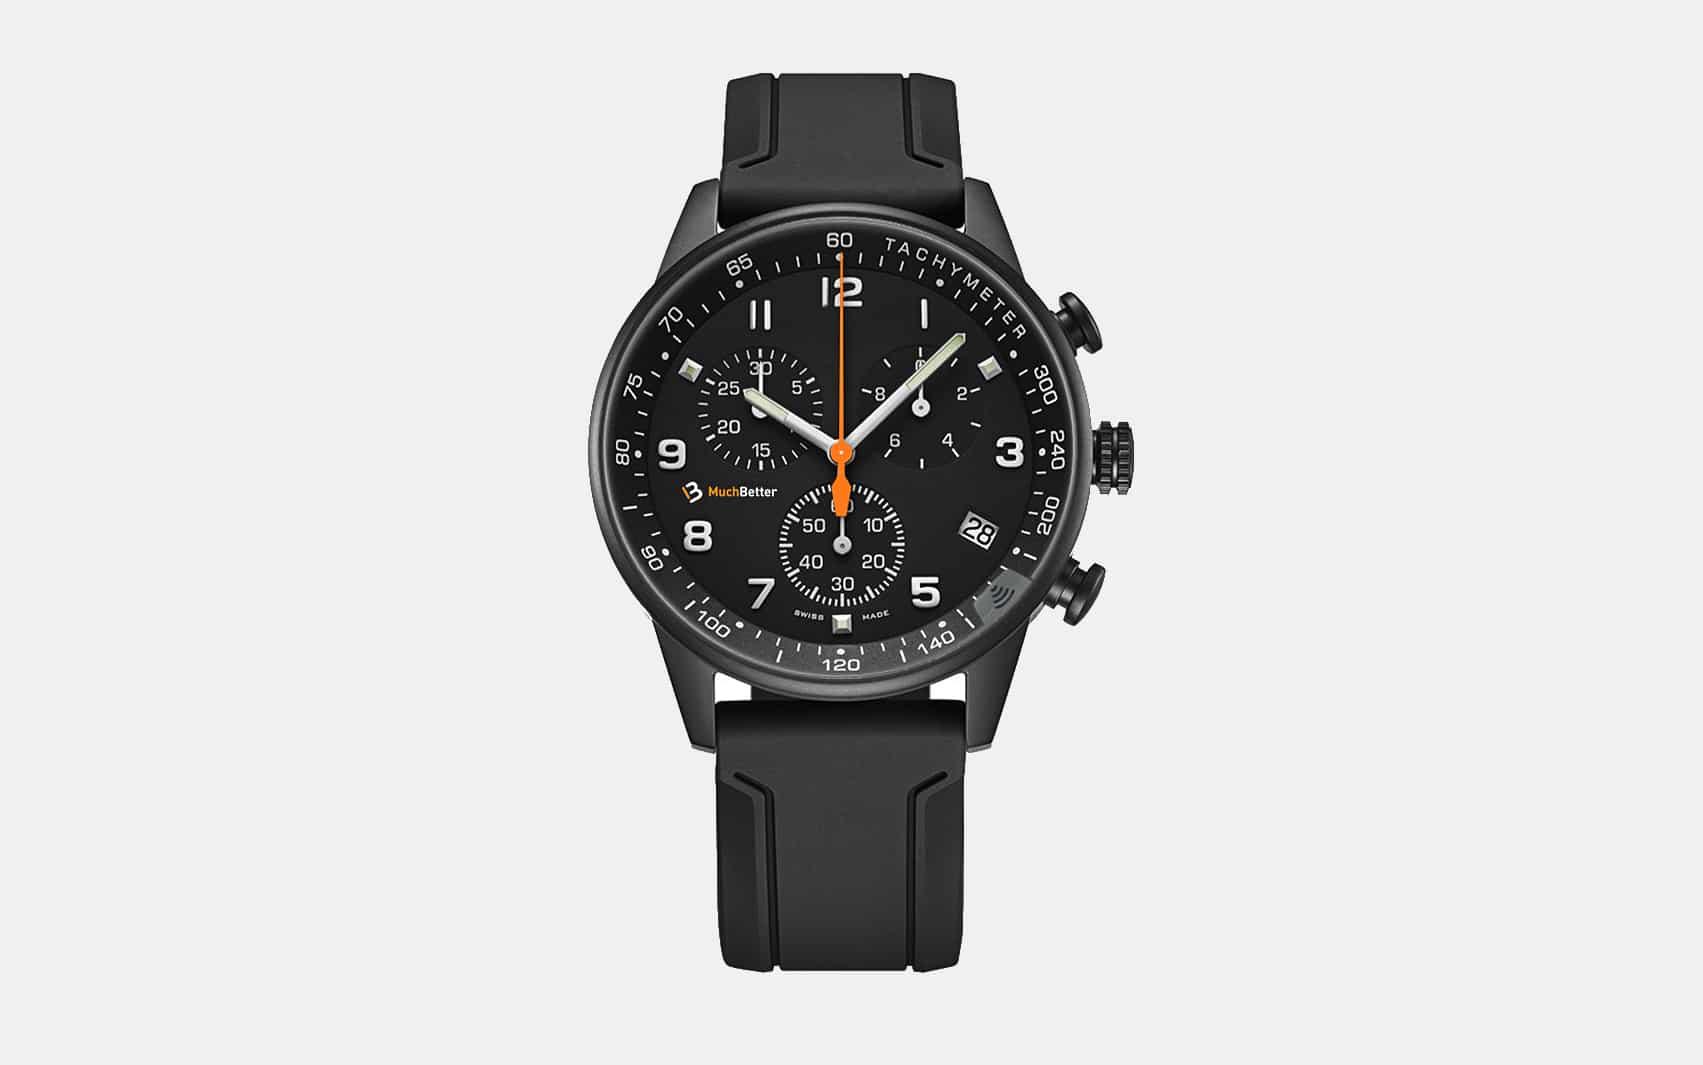 Winwatch MuchBetter Watch